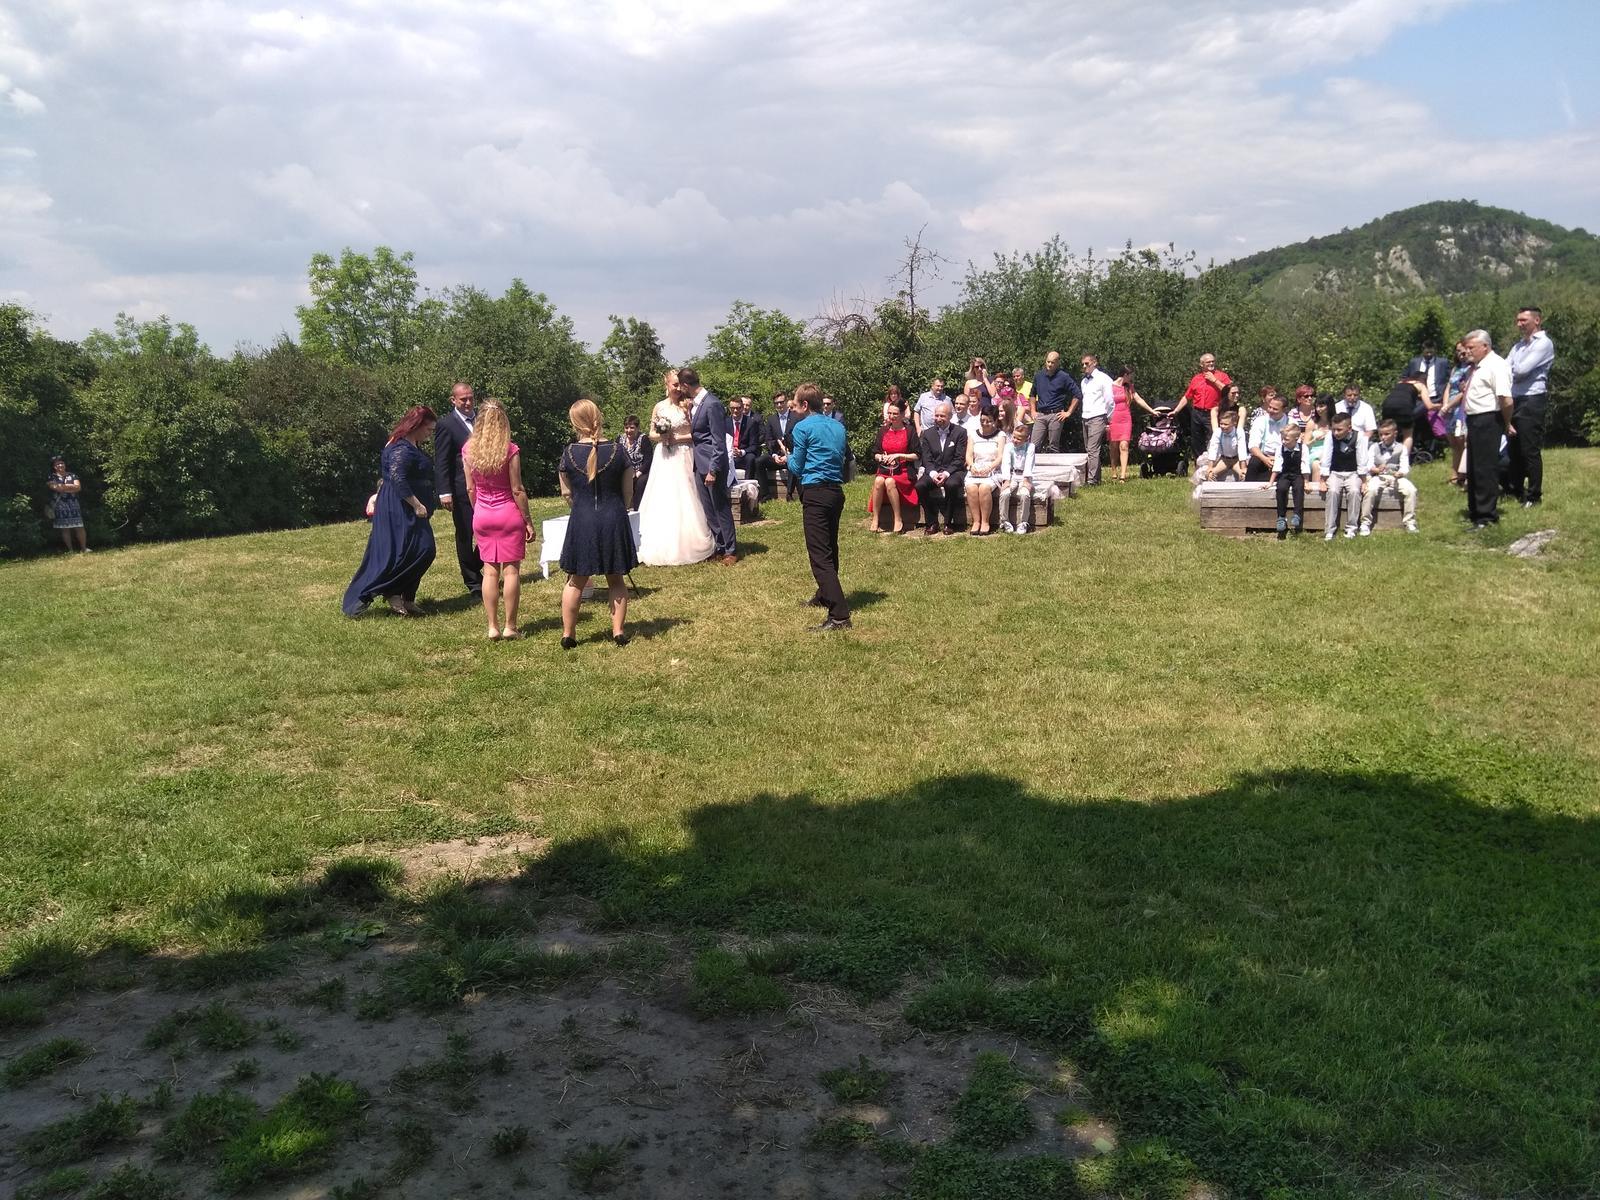 Pár momentek z nedávno proběhlých svateb... - Obrázek č. 1